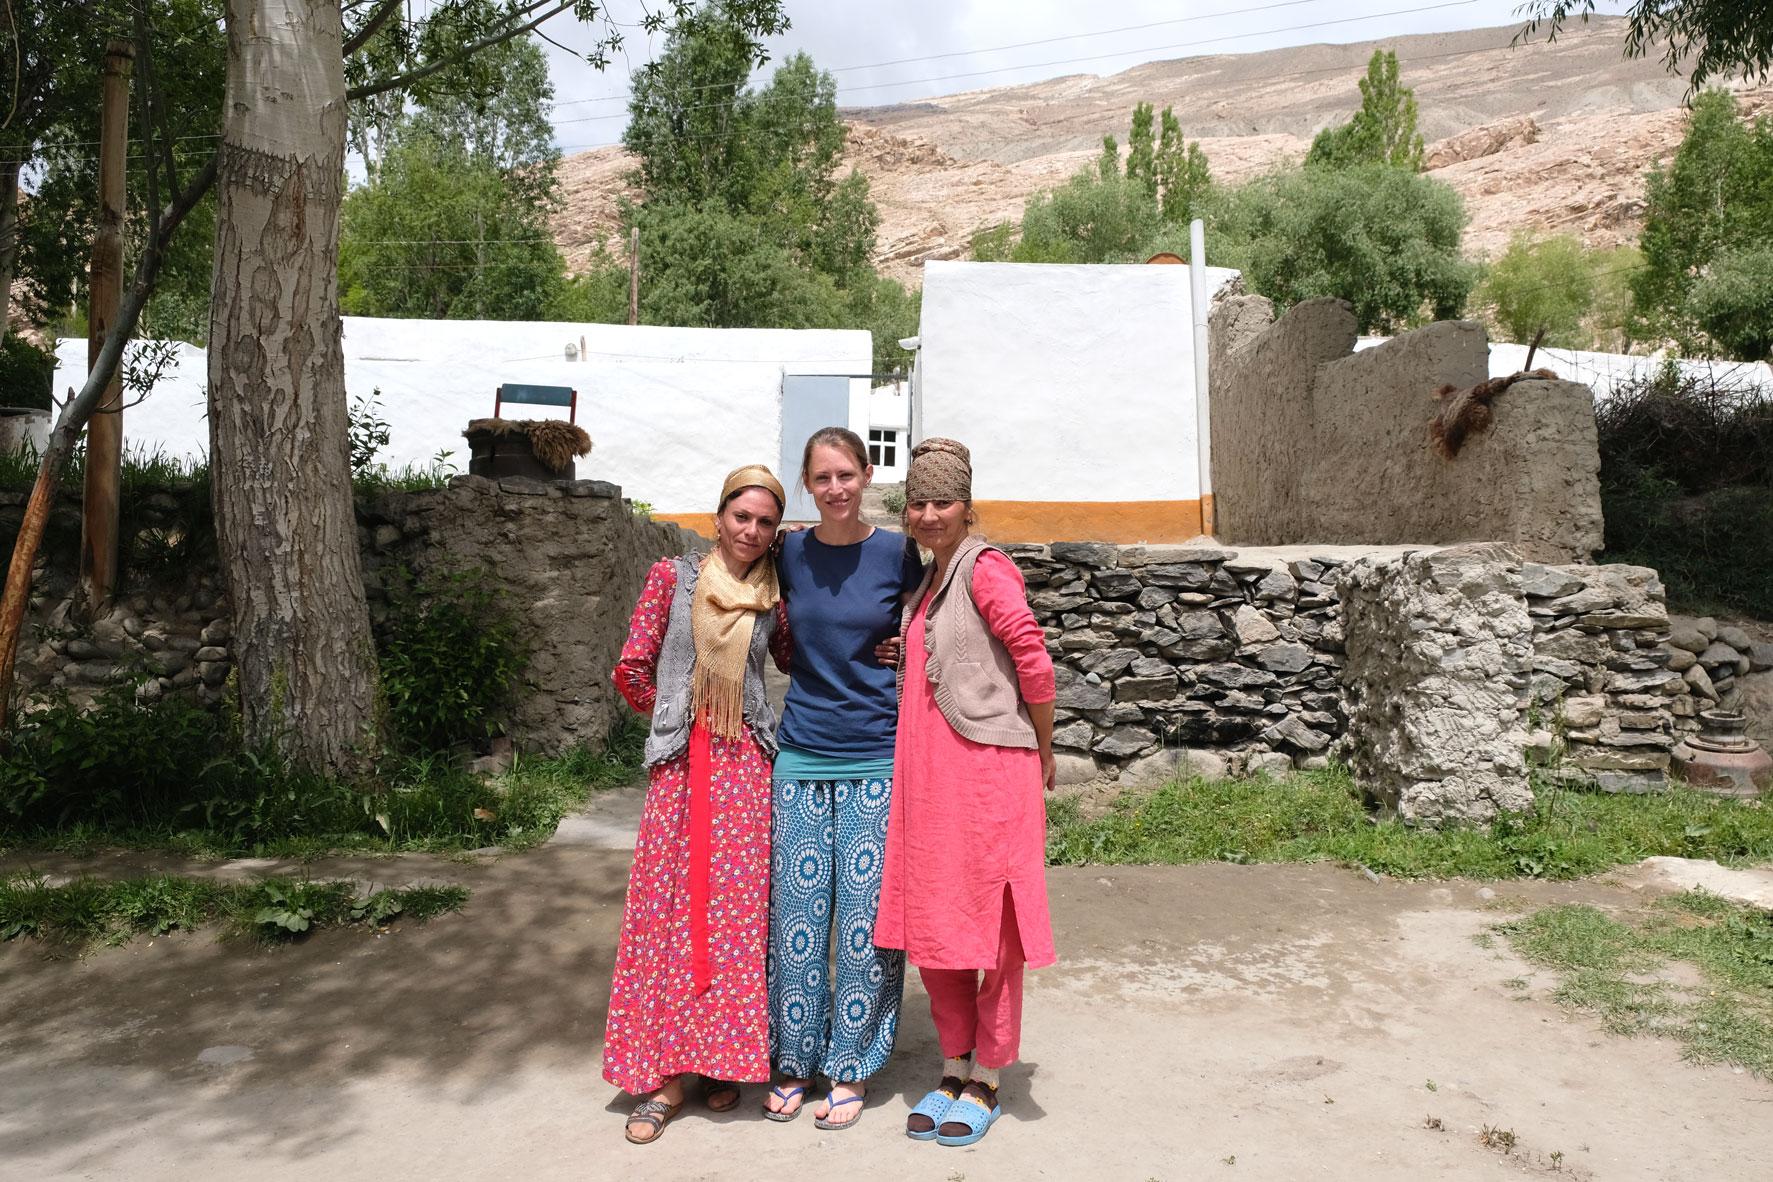 Leo neben zwei Frauen mit bunten Kleider.